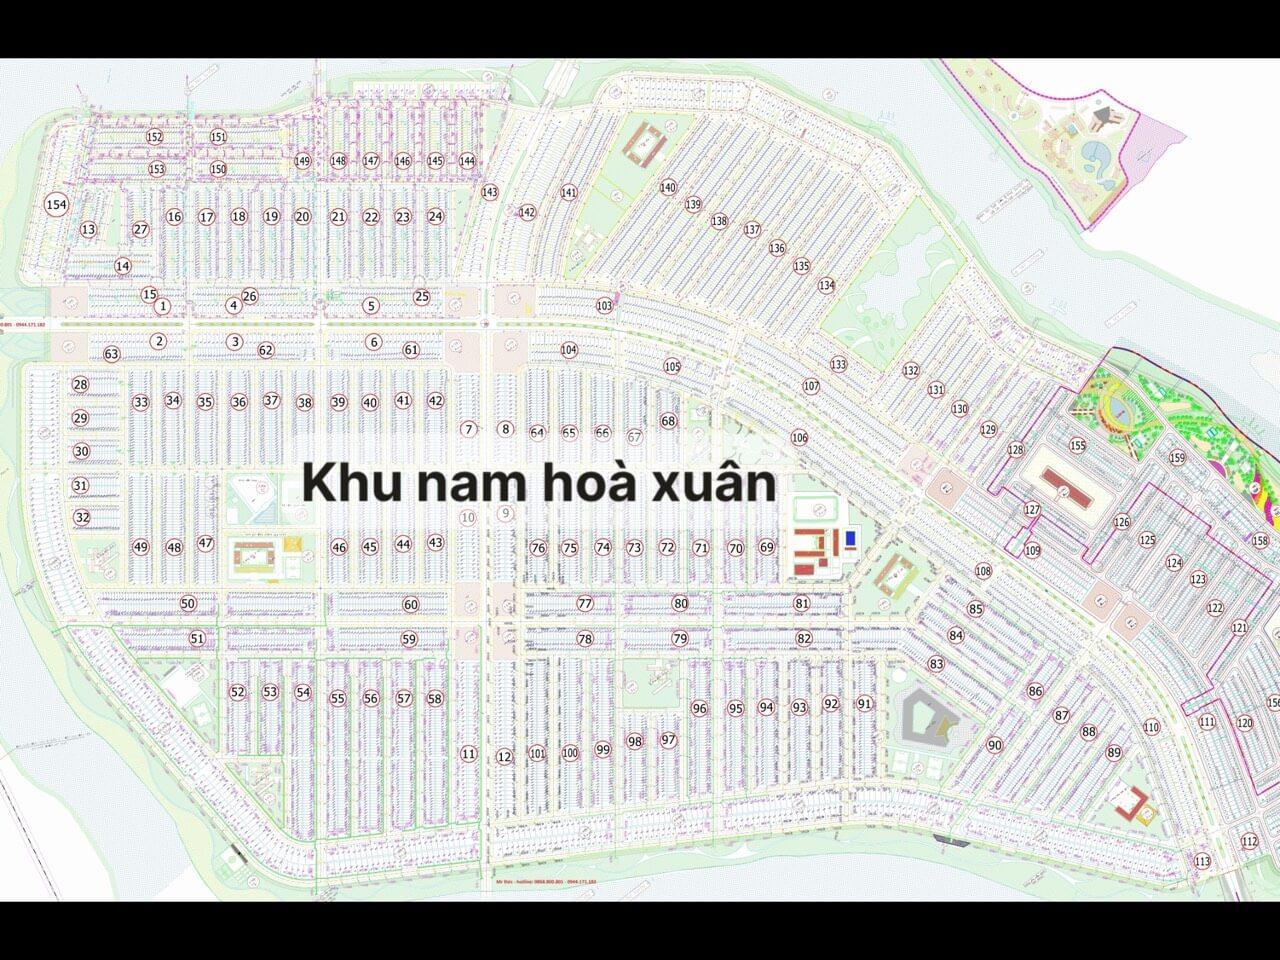 bảng giá sàn đất nền Hòa Xuân - Cẩm Lệ - Đà Nẵng